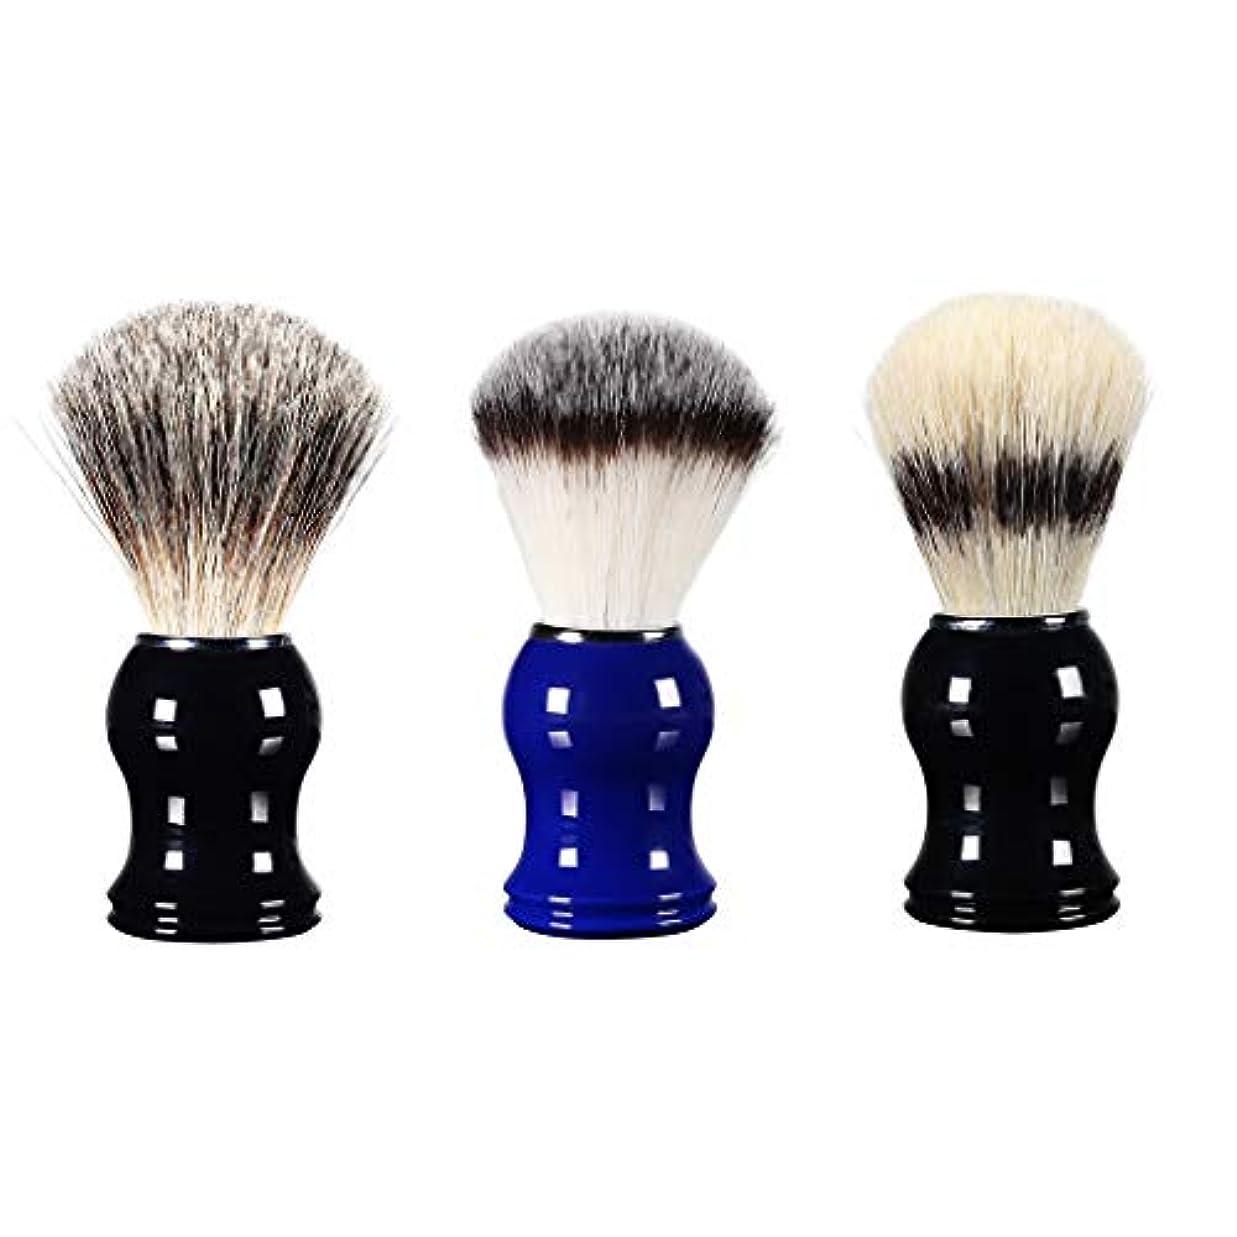 ハンディメンター結婚式メンズ用 髭剃り シェービングブラシ 樹脂ハ ンドル 理容 洗顔 髭剃り 男性 ギフト 3個入